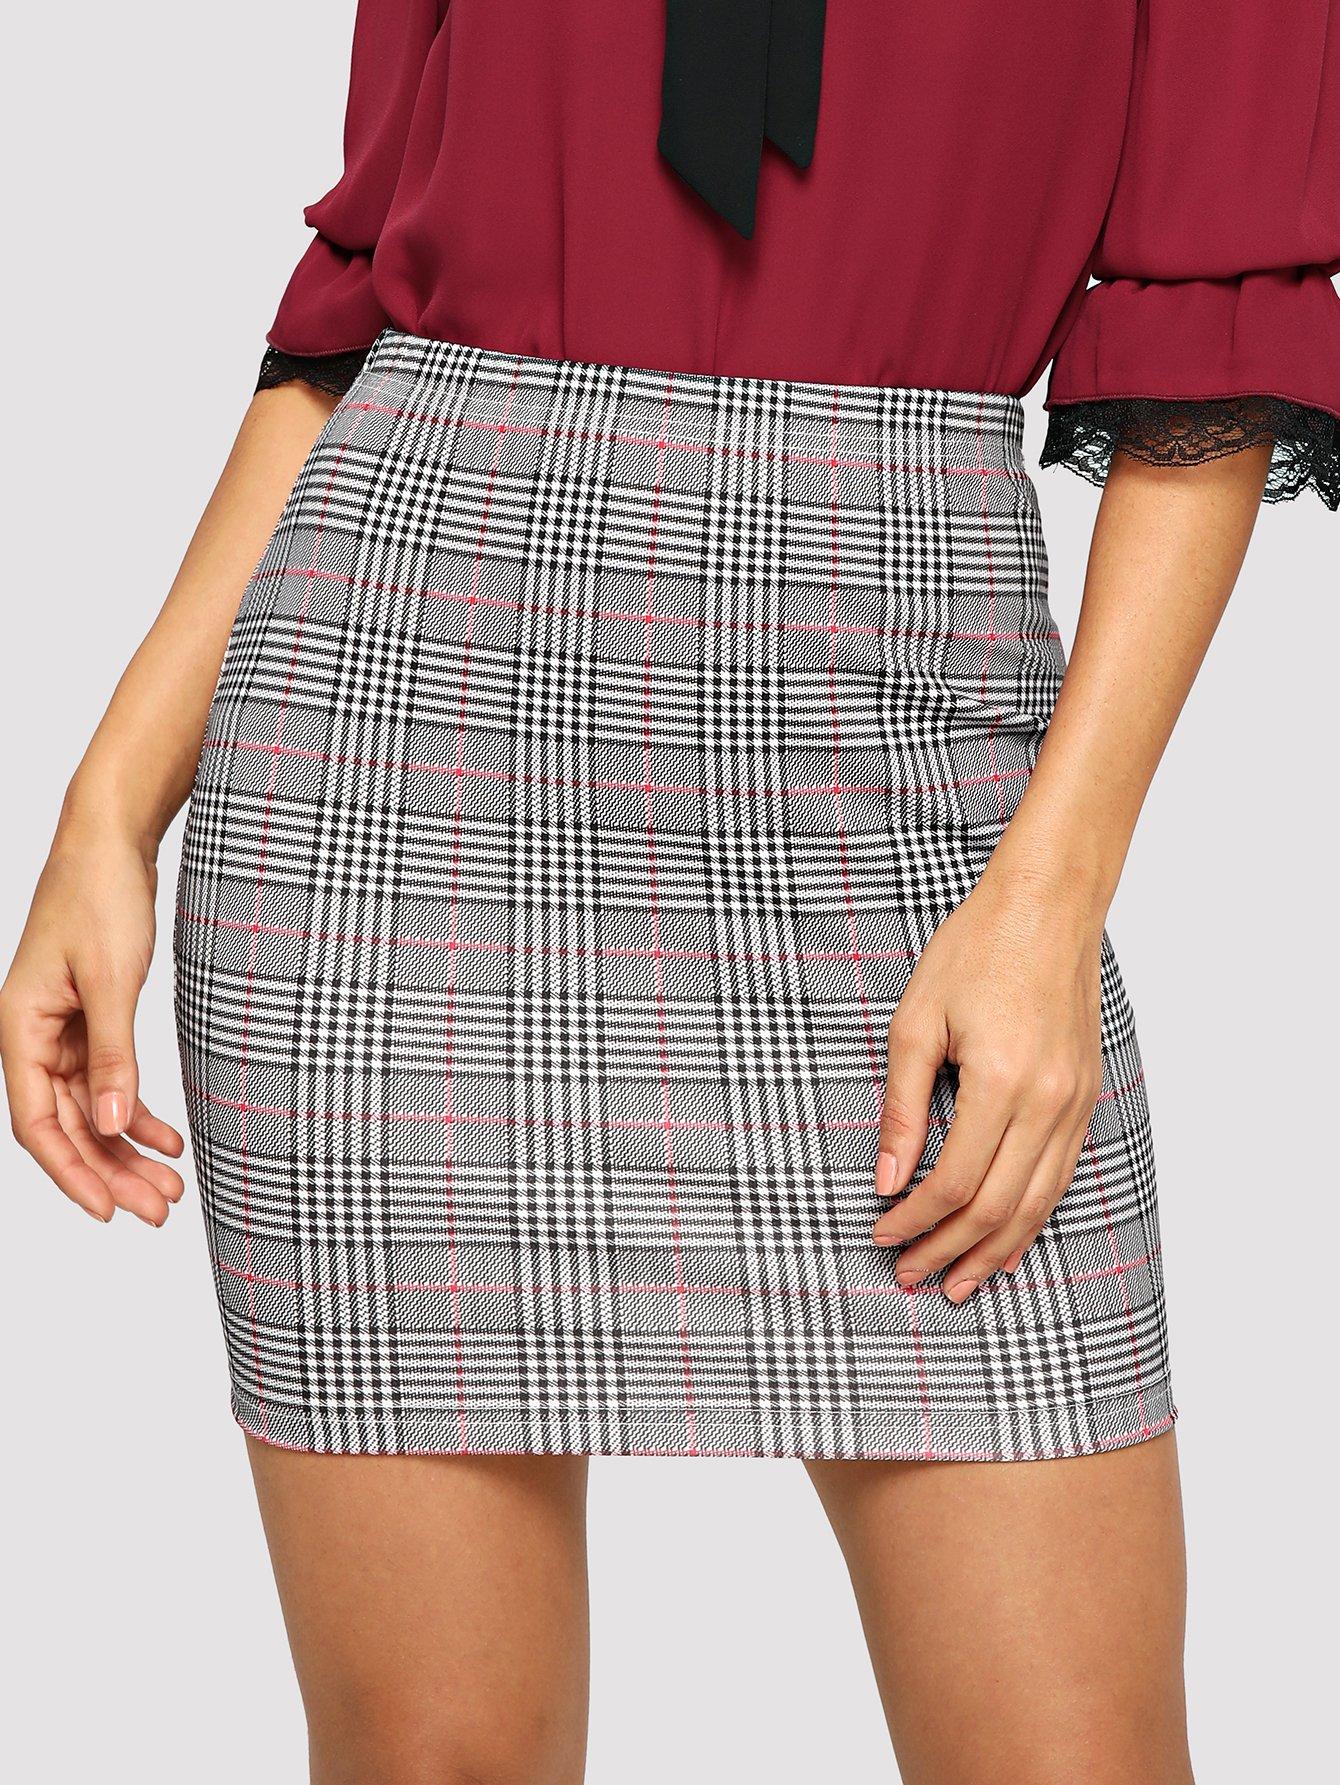 Купить Стильная юбка в клетку, Juliana, SheIn